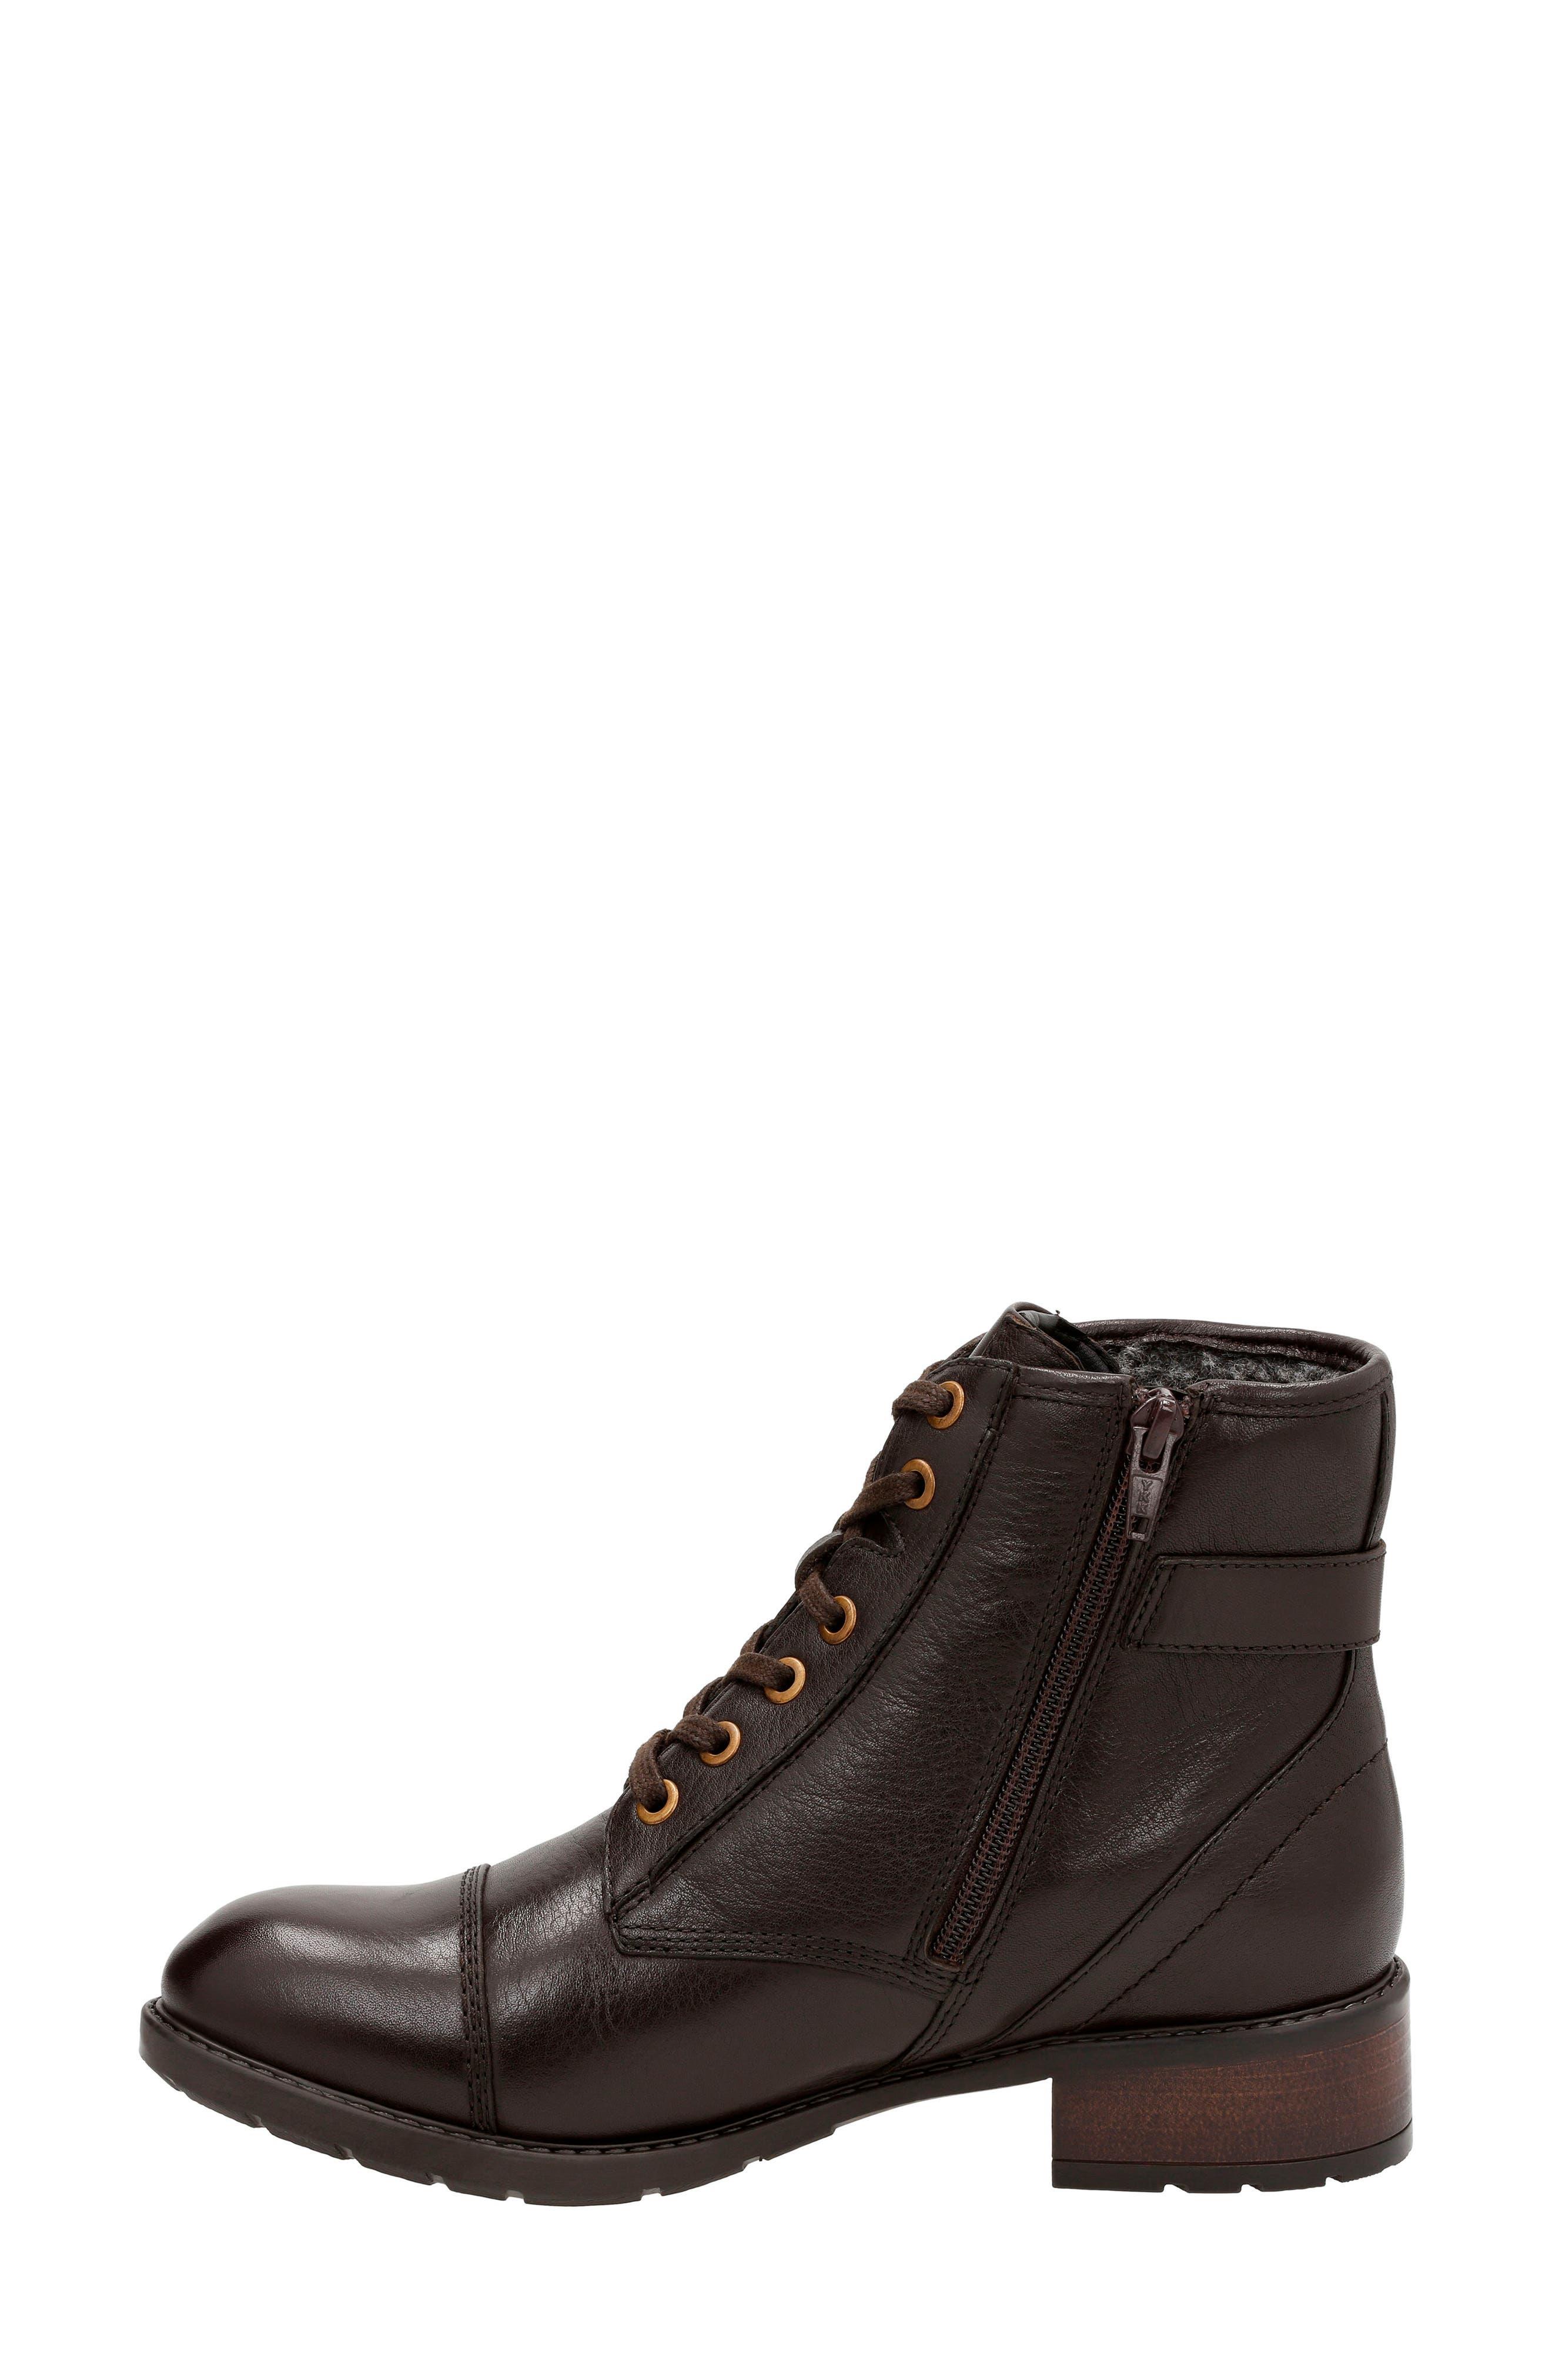 Alternate Image 2  - Clarks® 'Swansea Ledge' Waterproof Moto Boot (Women)